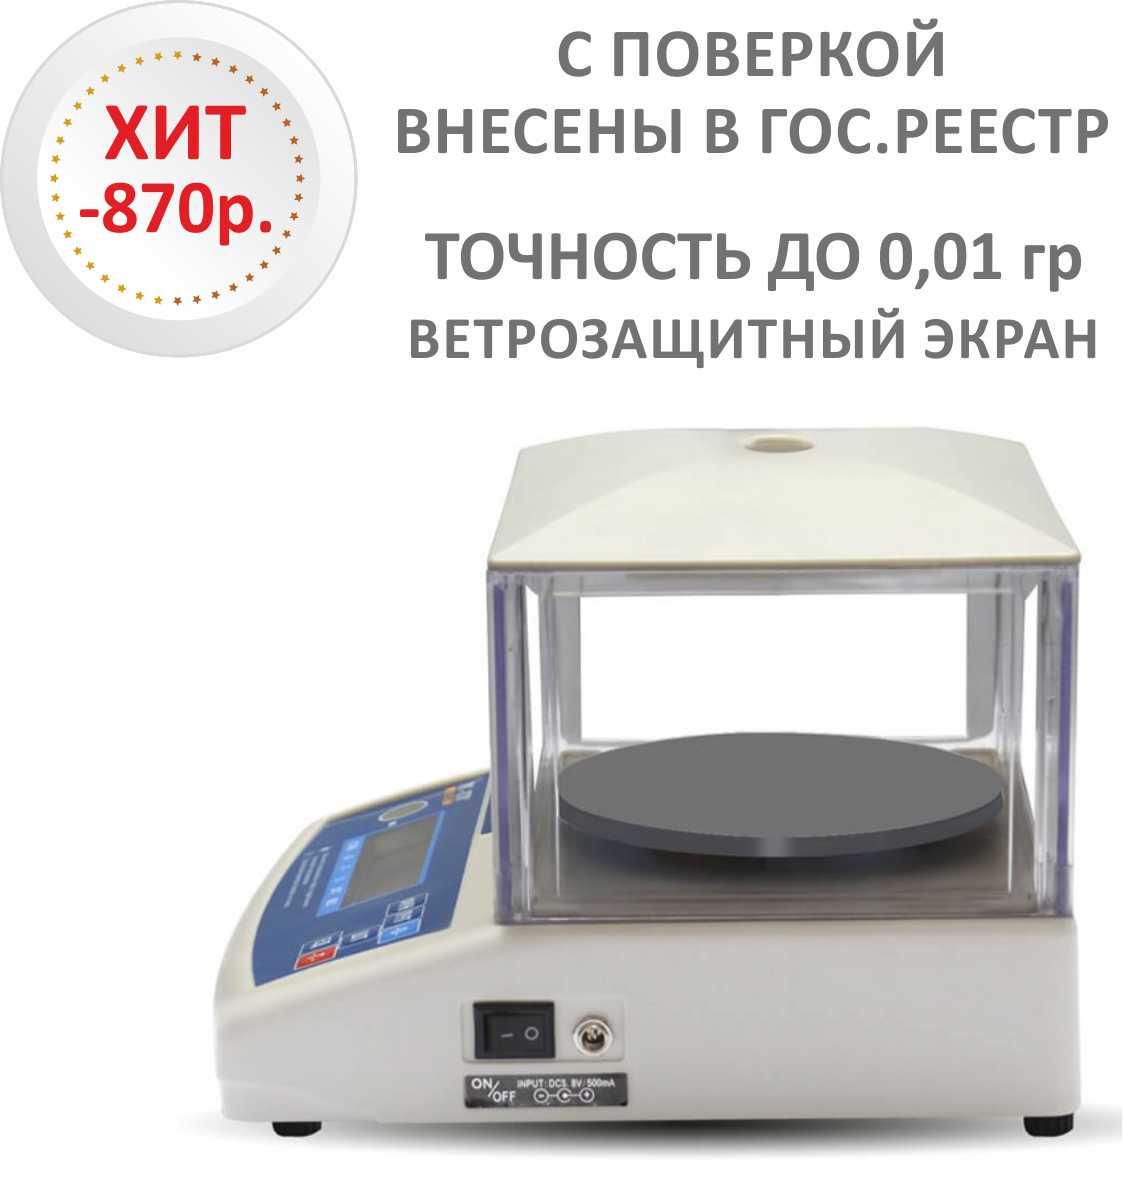 Весы лабораторные/аналитические M-ER 122 АCFJR-300.01 ACCURATE LCD - вид сбоку